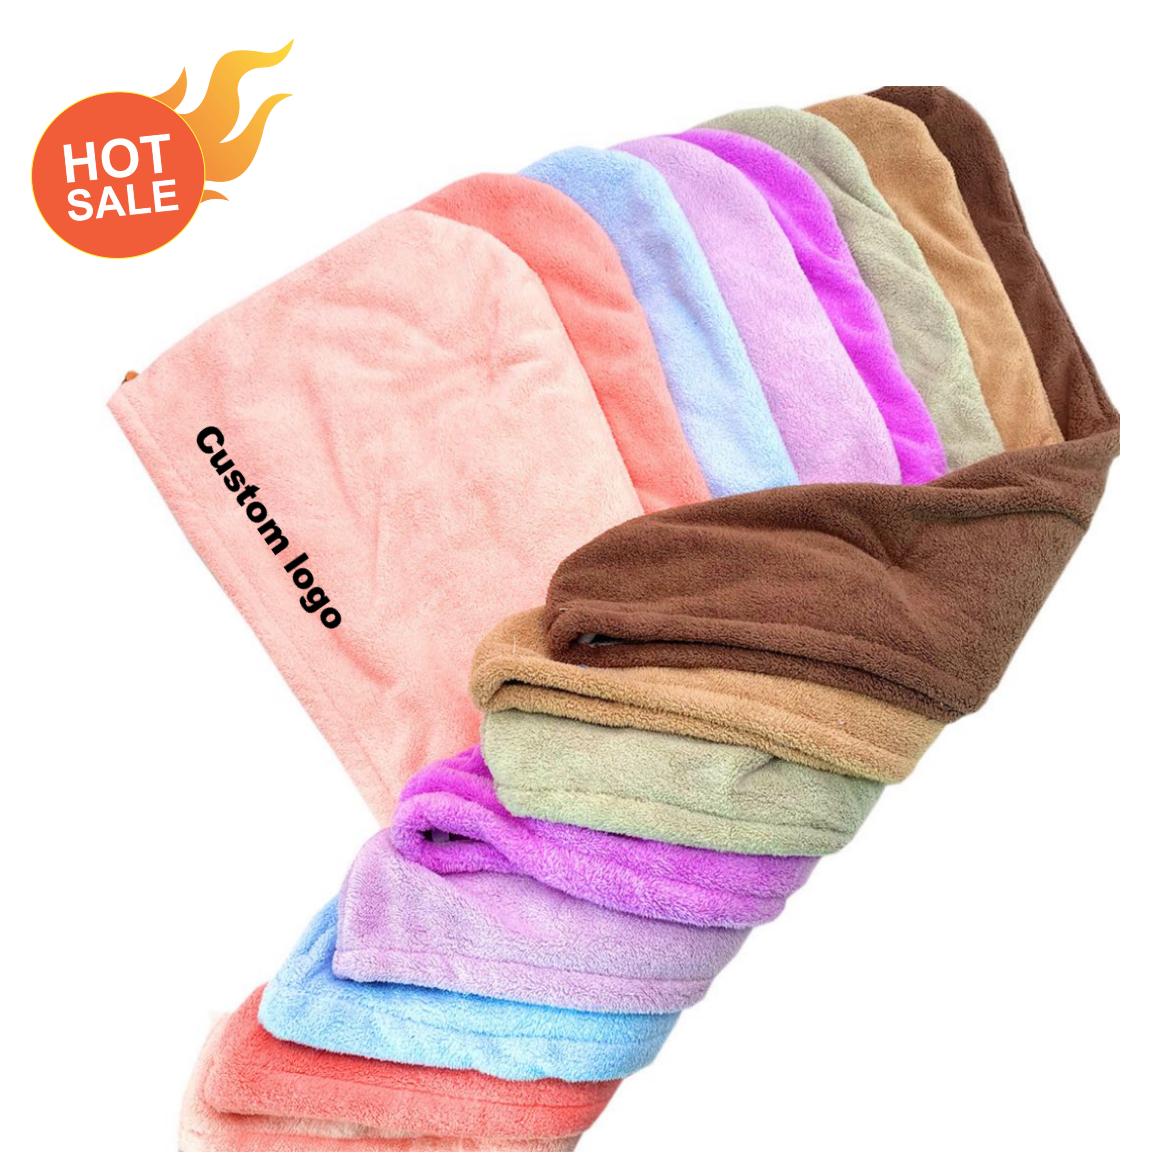 Оптовая продажа, тюрбан для волос из микрофибры, Хлопковое полотенце с вышивкой и логотипом, супервпитывающее полотенце для волос в ванную комнату